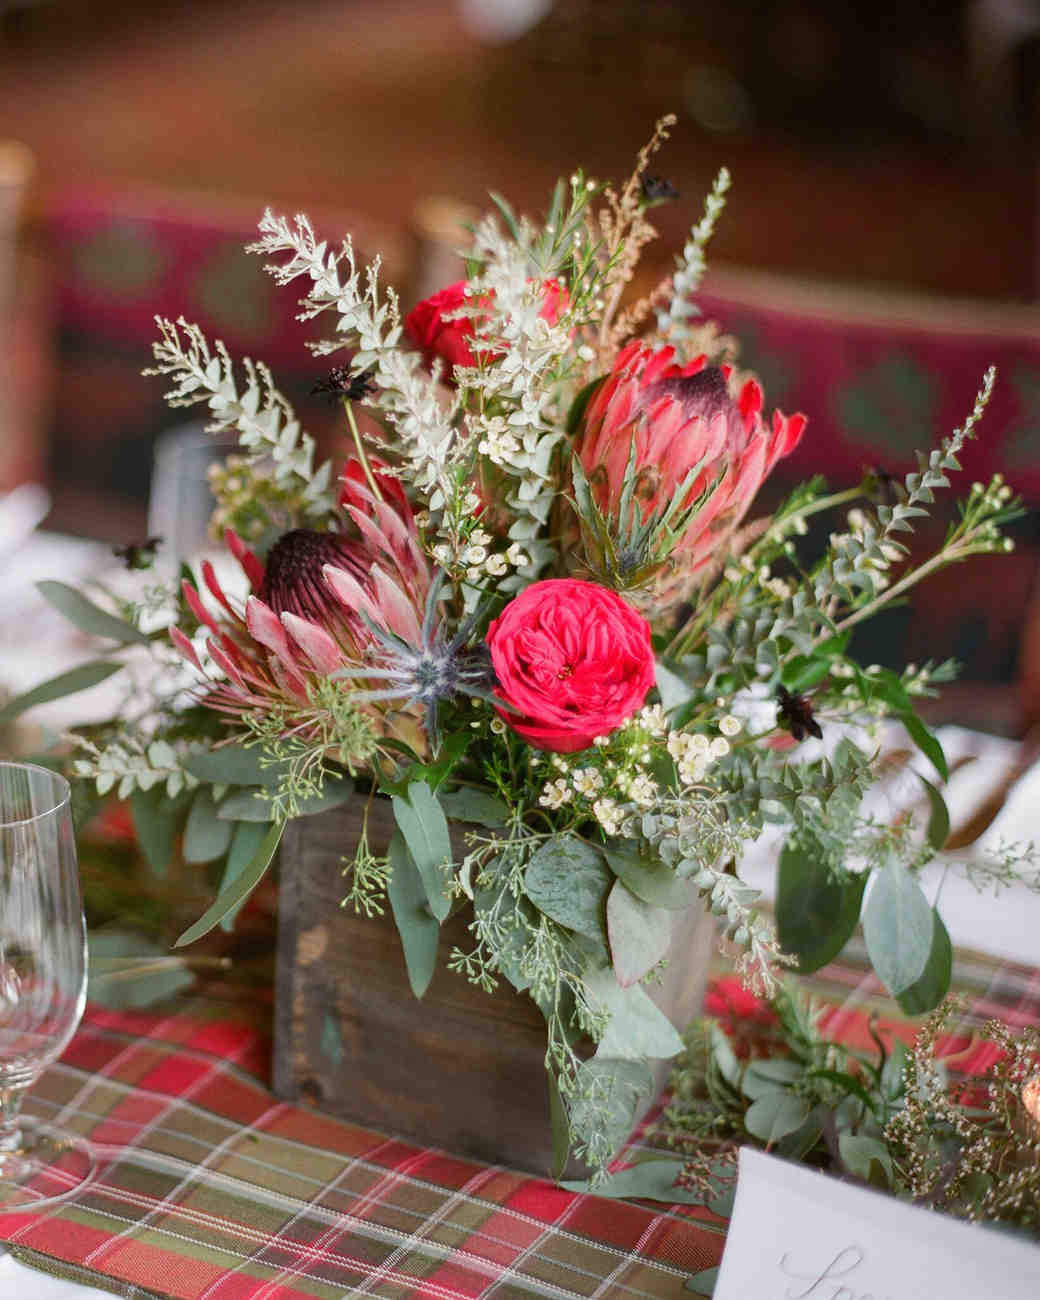 stacey-eric-wedding-centerpiece-27-s111513-1014.jpg